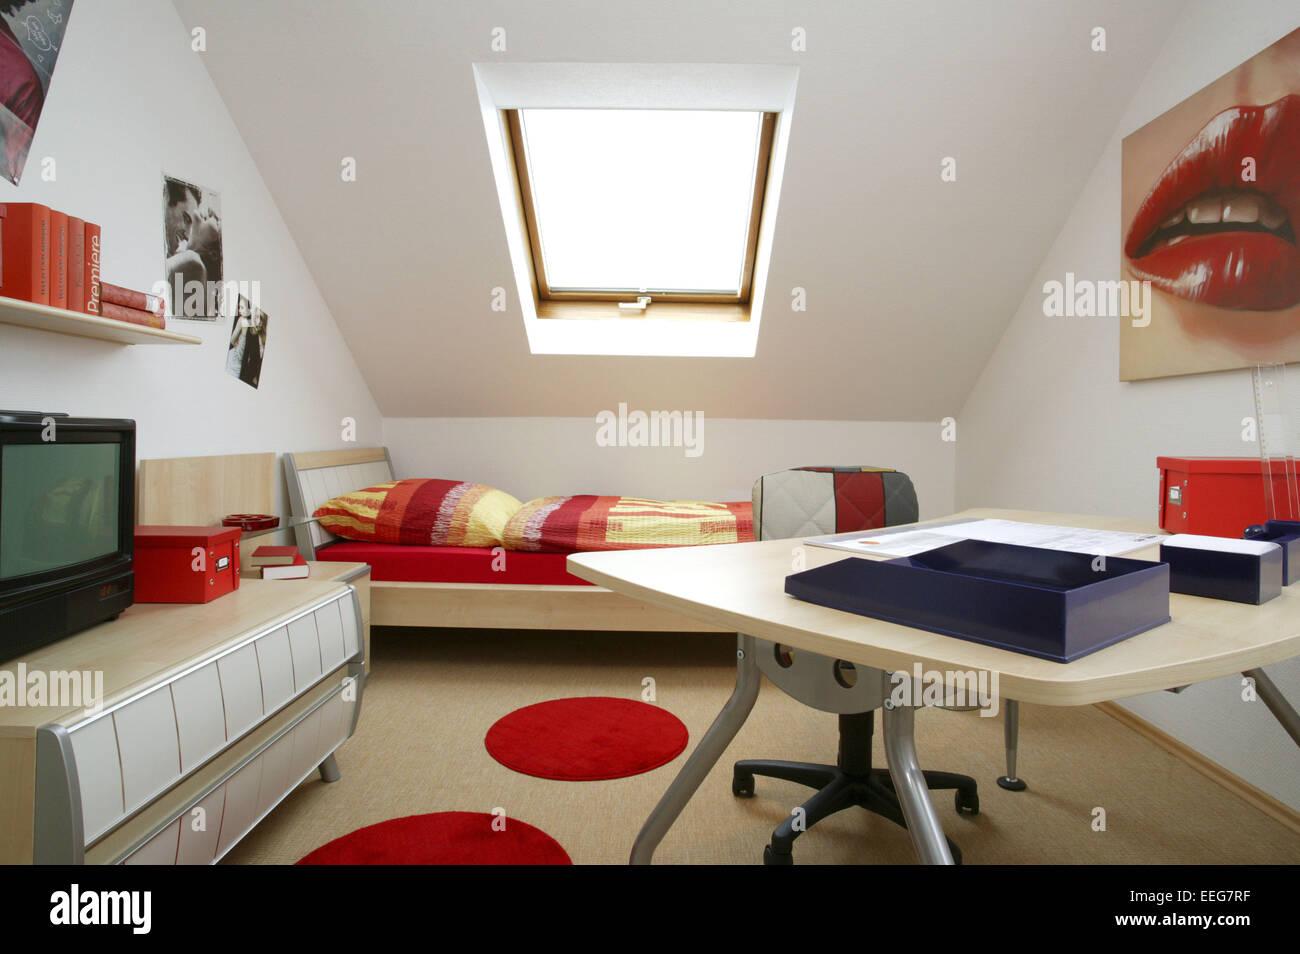 Amüsant Einrichtung Jugendzimmer Beste Wahl Kinderzimmer Wohnen Innenaufnahme Inneneinrichtung Wohnung Wohnraum Moebel